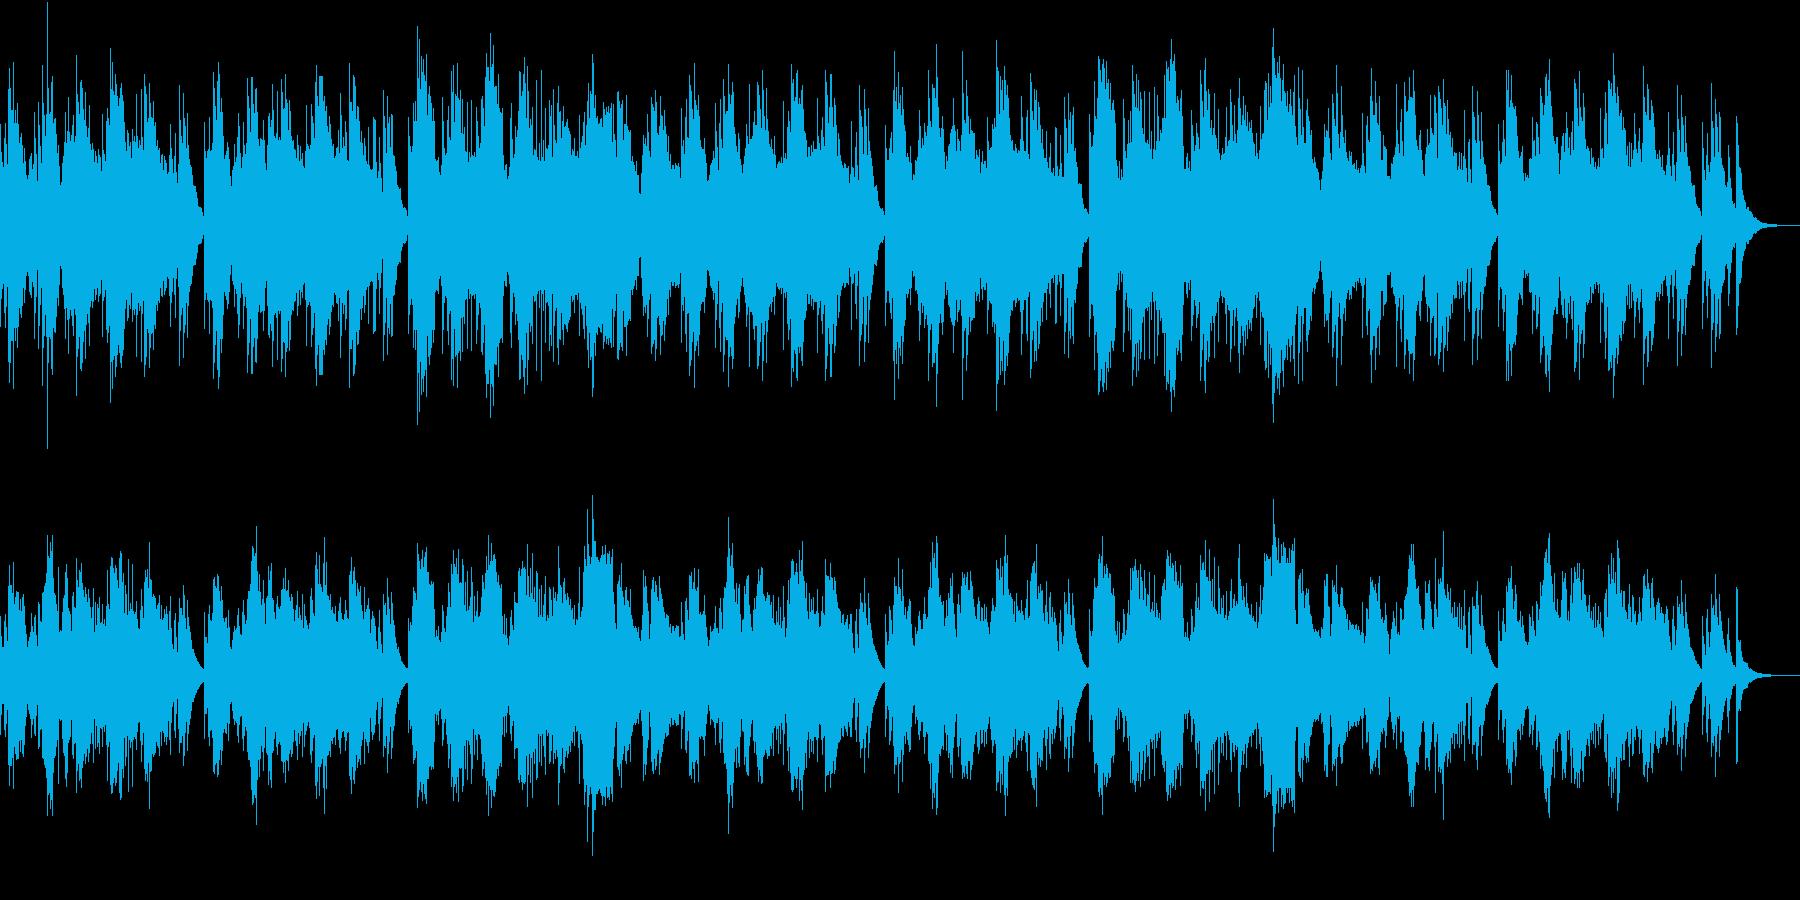 和風情緒漂う琴の調べの再生済みの波形